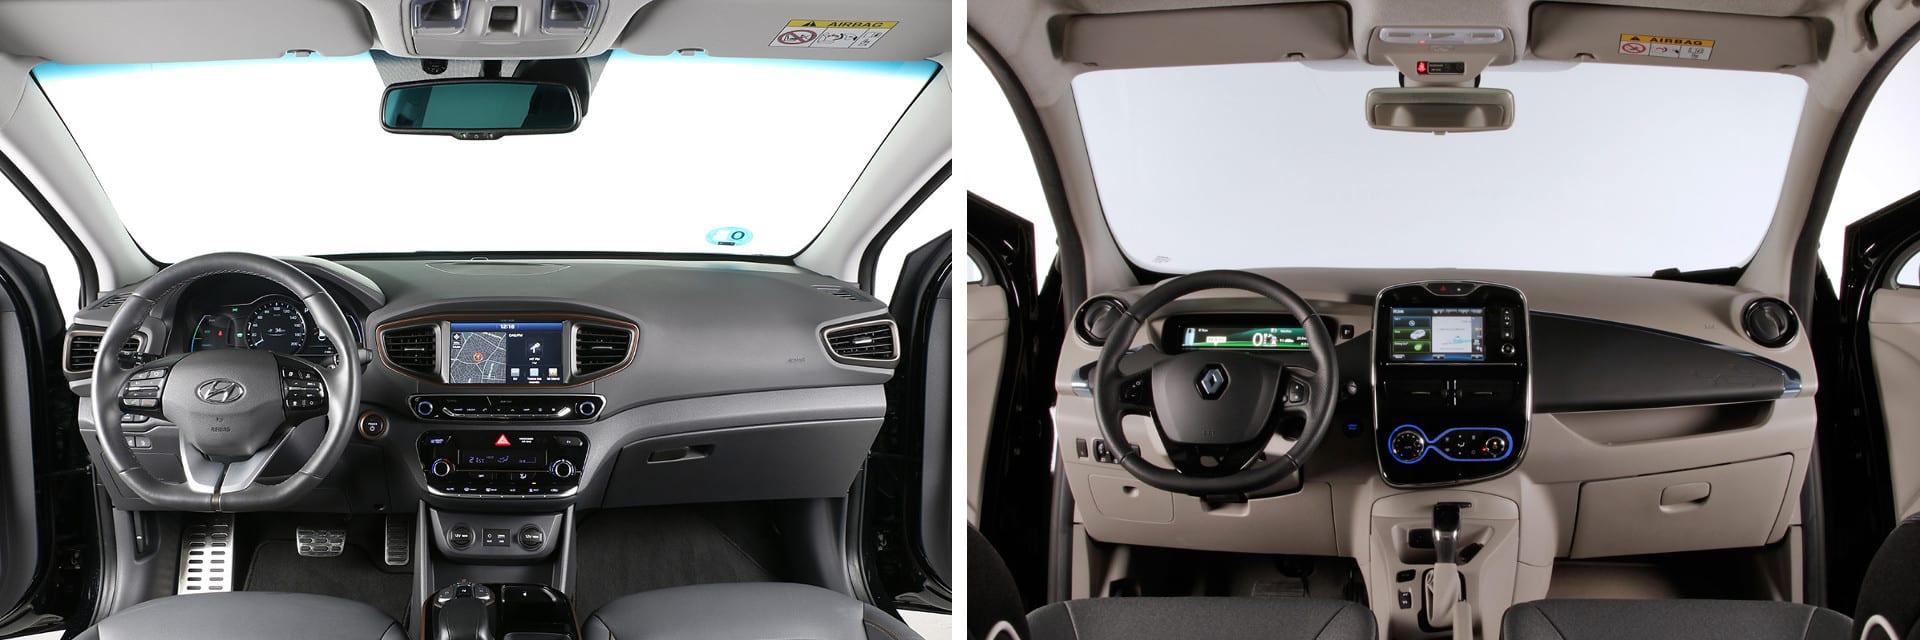 El Hyundai IONIQ (izq.) viene de serie con la alarma por cambio involuntario de carril y la alarma antisueño. Dos sistemas que no están disponibles en el ZOE (dcha.)